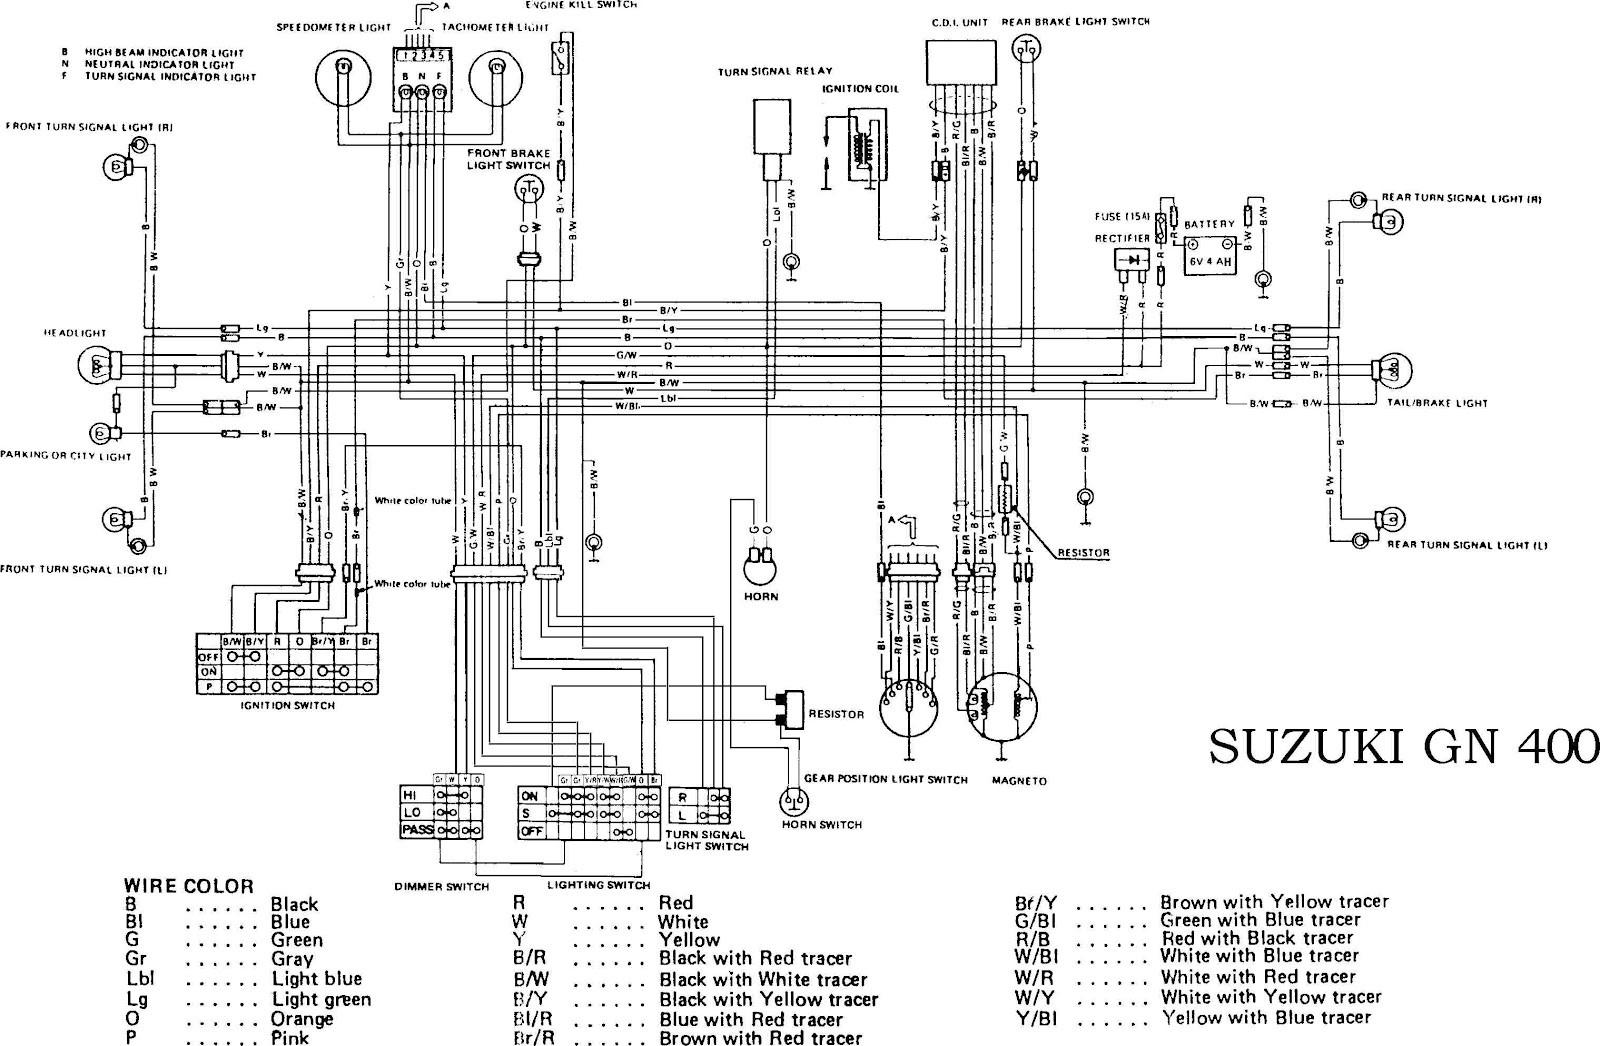 Suzuki Motorcycle Wiring Diagram